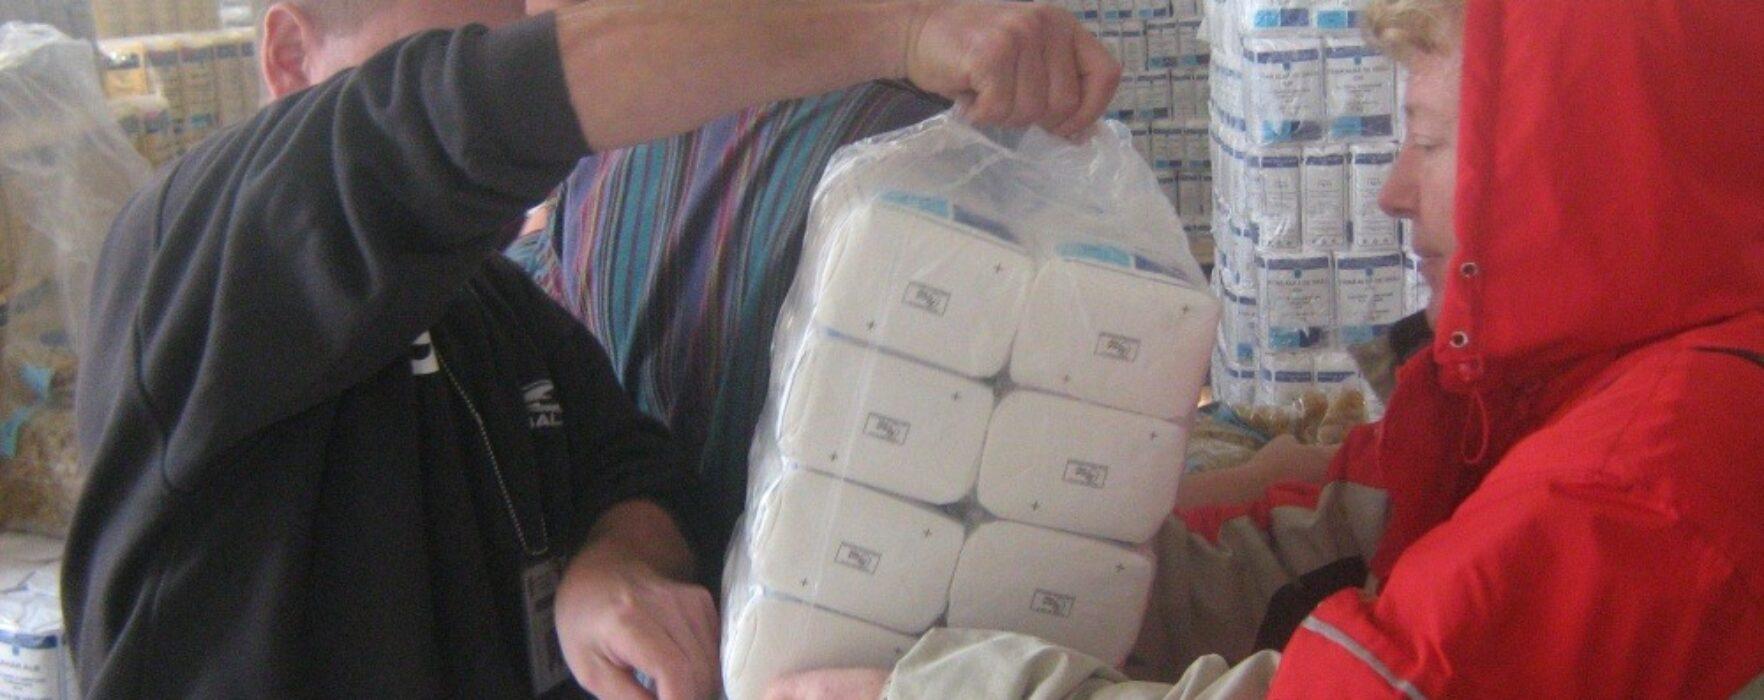 Ajutoare alimentare, distribuite de Primăria Târgovişte din 27 ianuarie